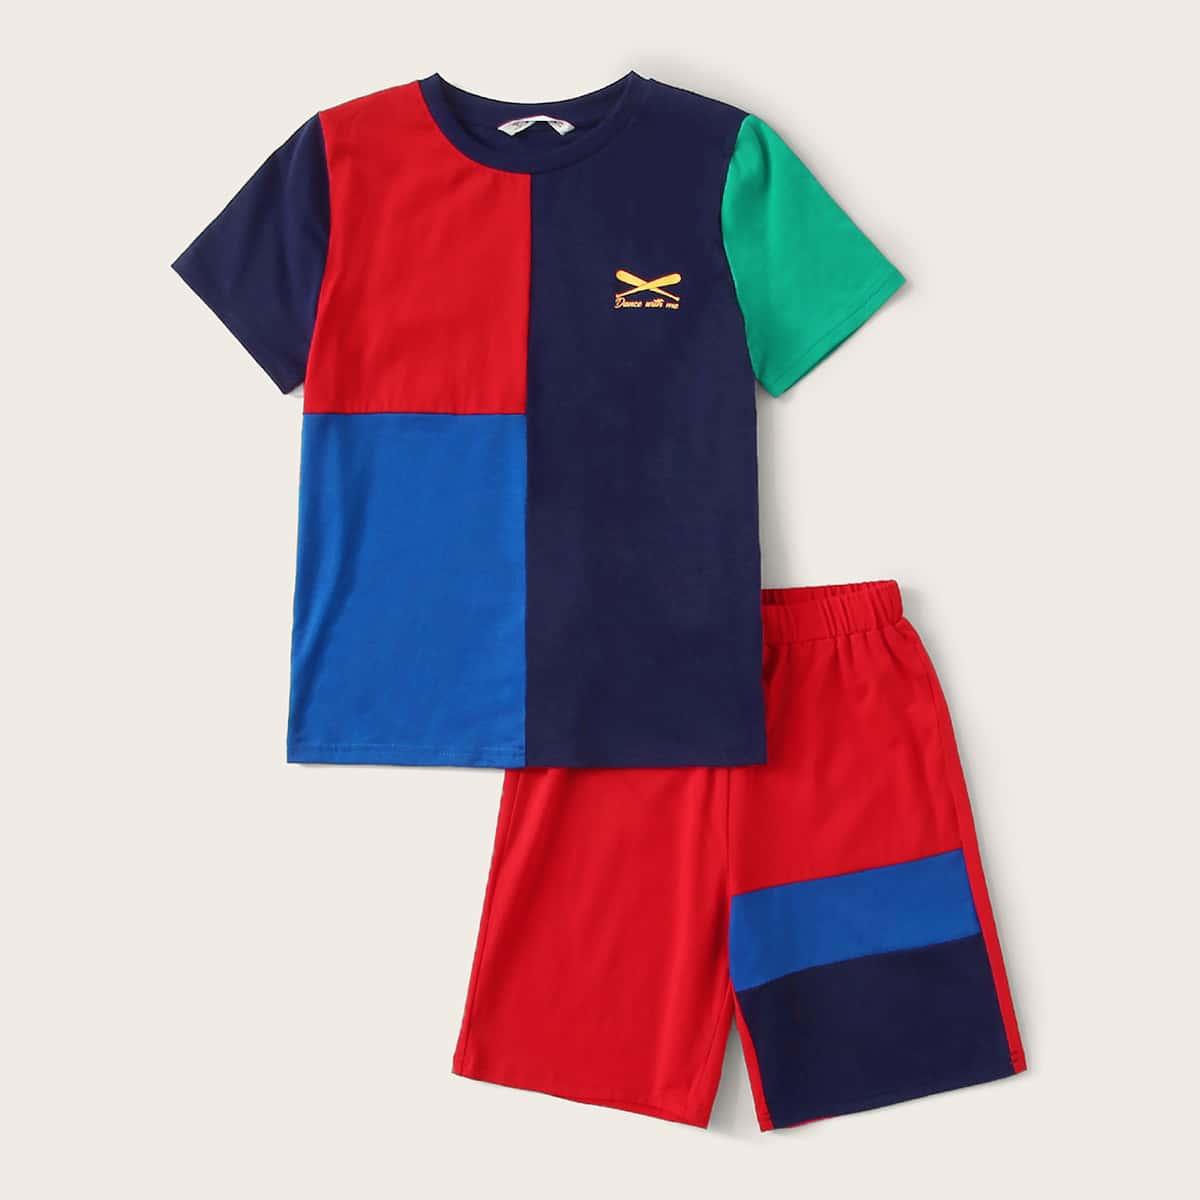 Контрастная пижама с текстовым принтом для мальчиков от SHEIN